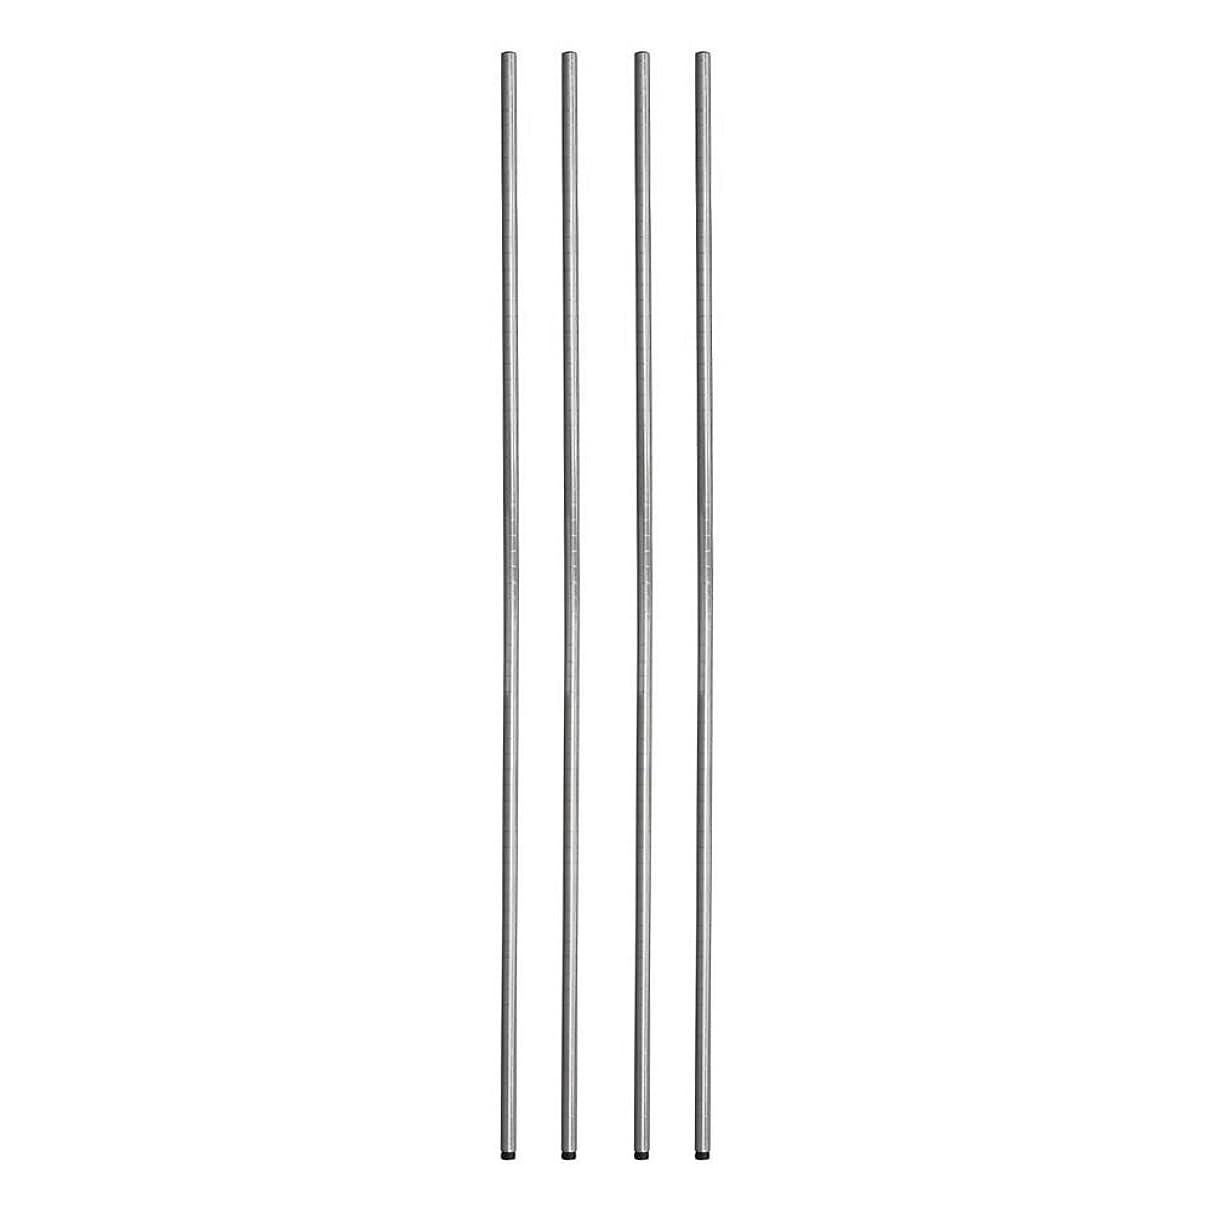 放牧する歩く論争の的ルミナス ポール径25mm用パーツ ポール(支柱) ポール 180cm(4本セット) 高さ180cm 25P180*4